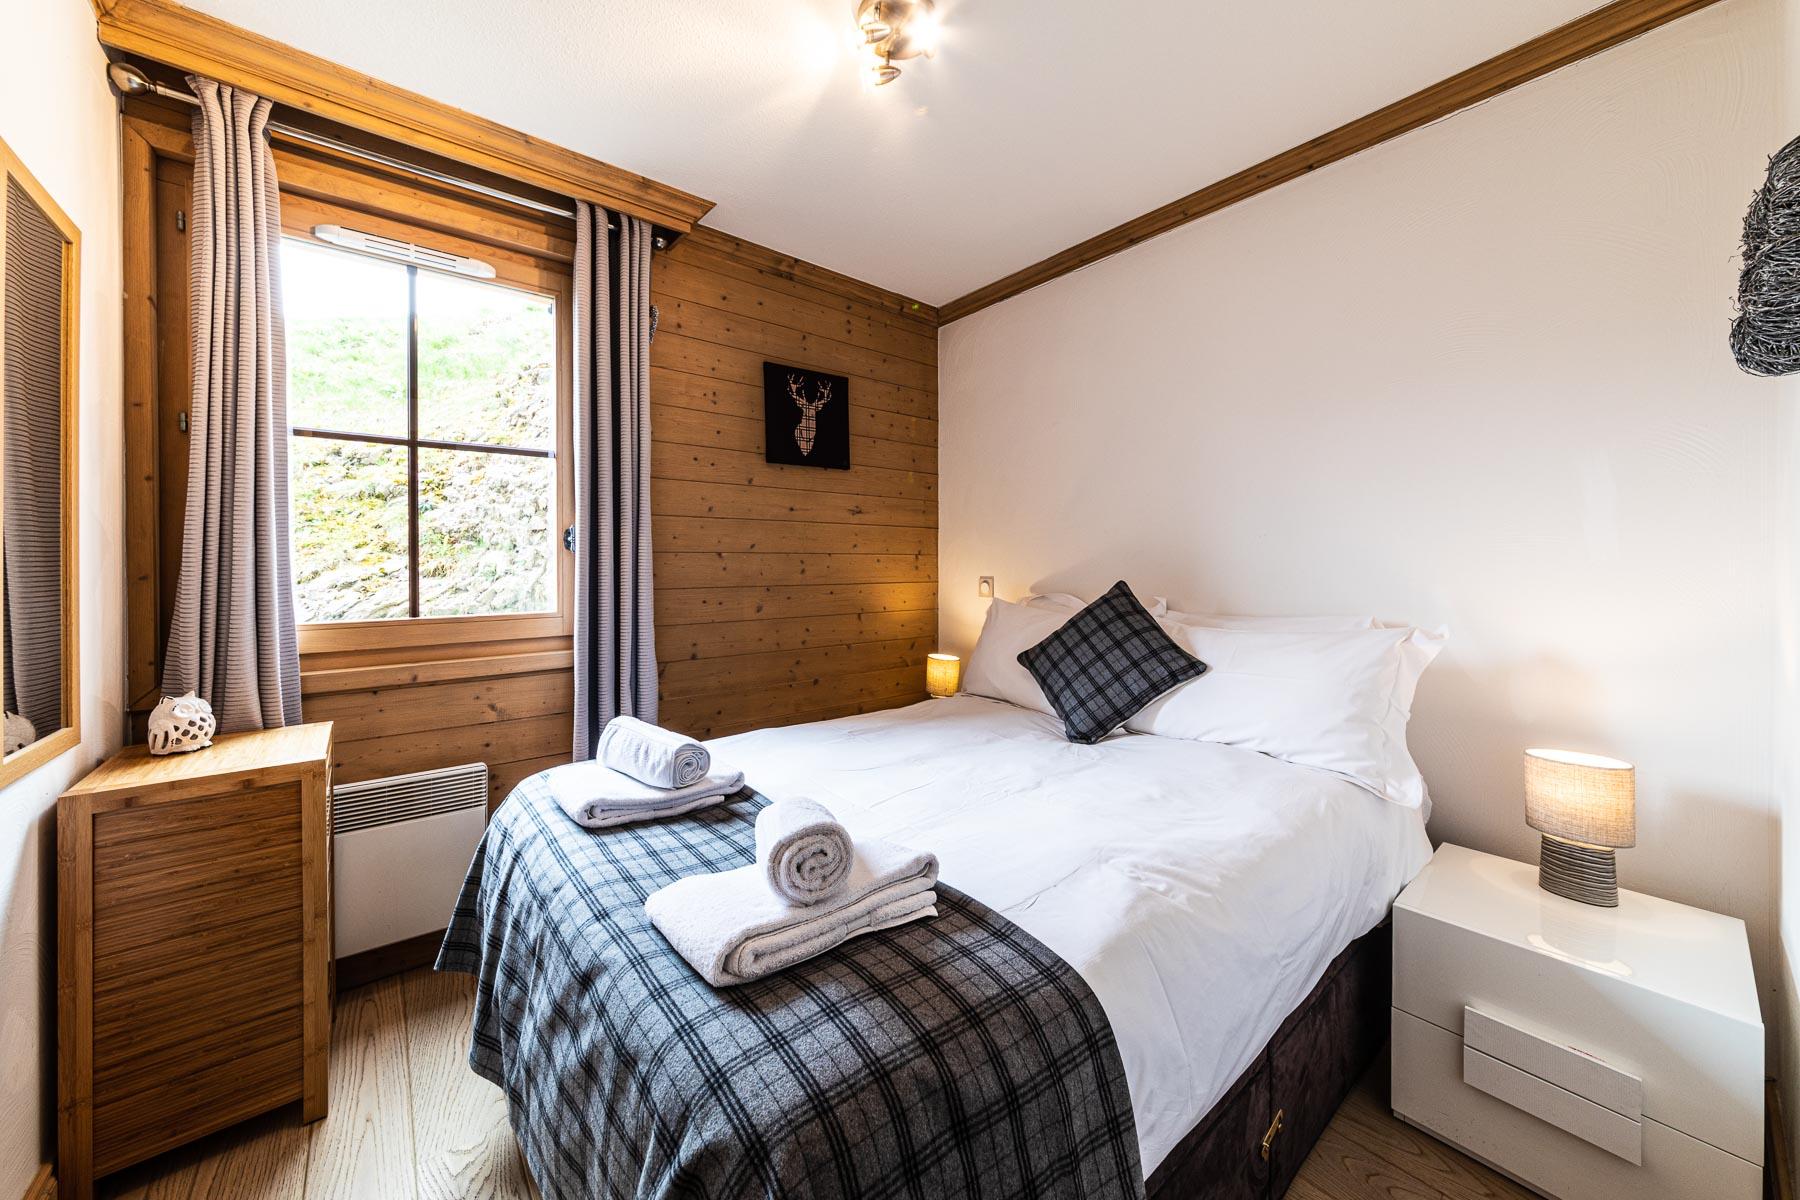 Bois Venants Appt 295 Master Bedroom